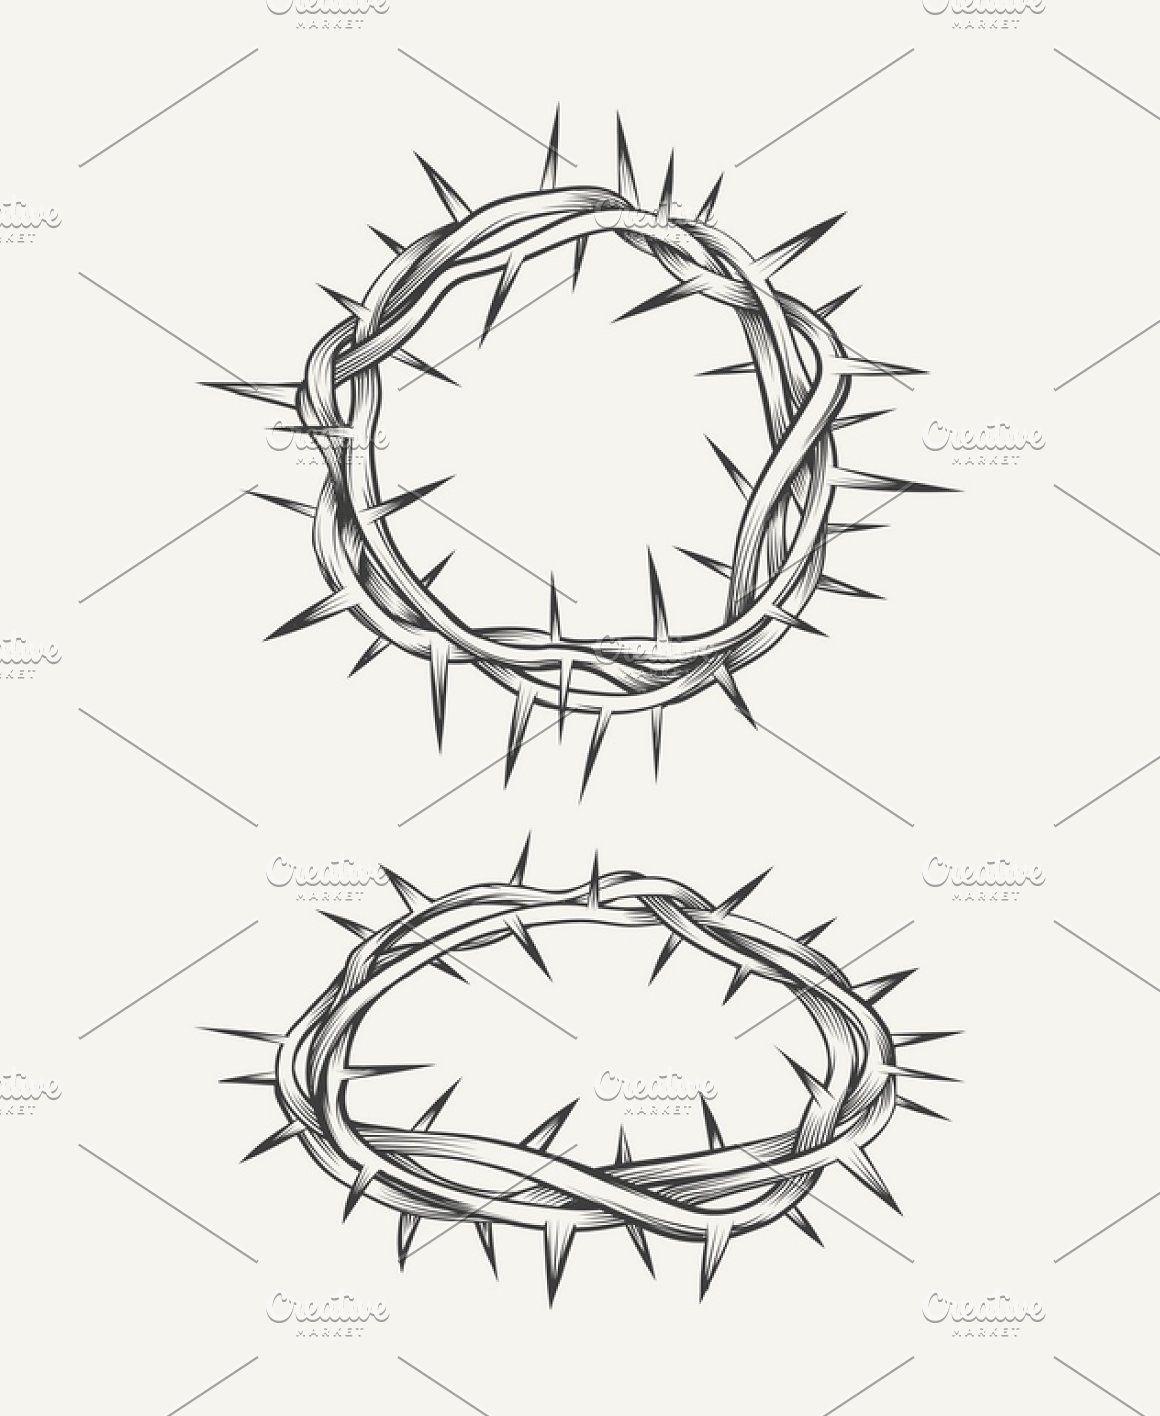 Crown Of Thorns Drawing : crown, thorns, drawing, Crown, Thorns, Терновый, венец,, Тату, плече,, Олдскул